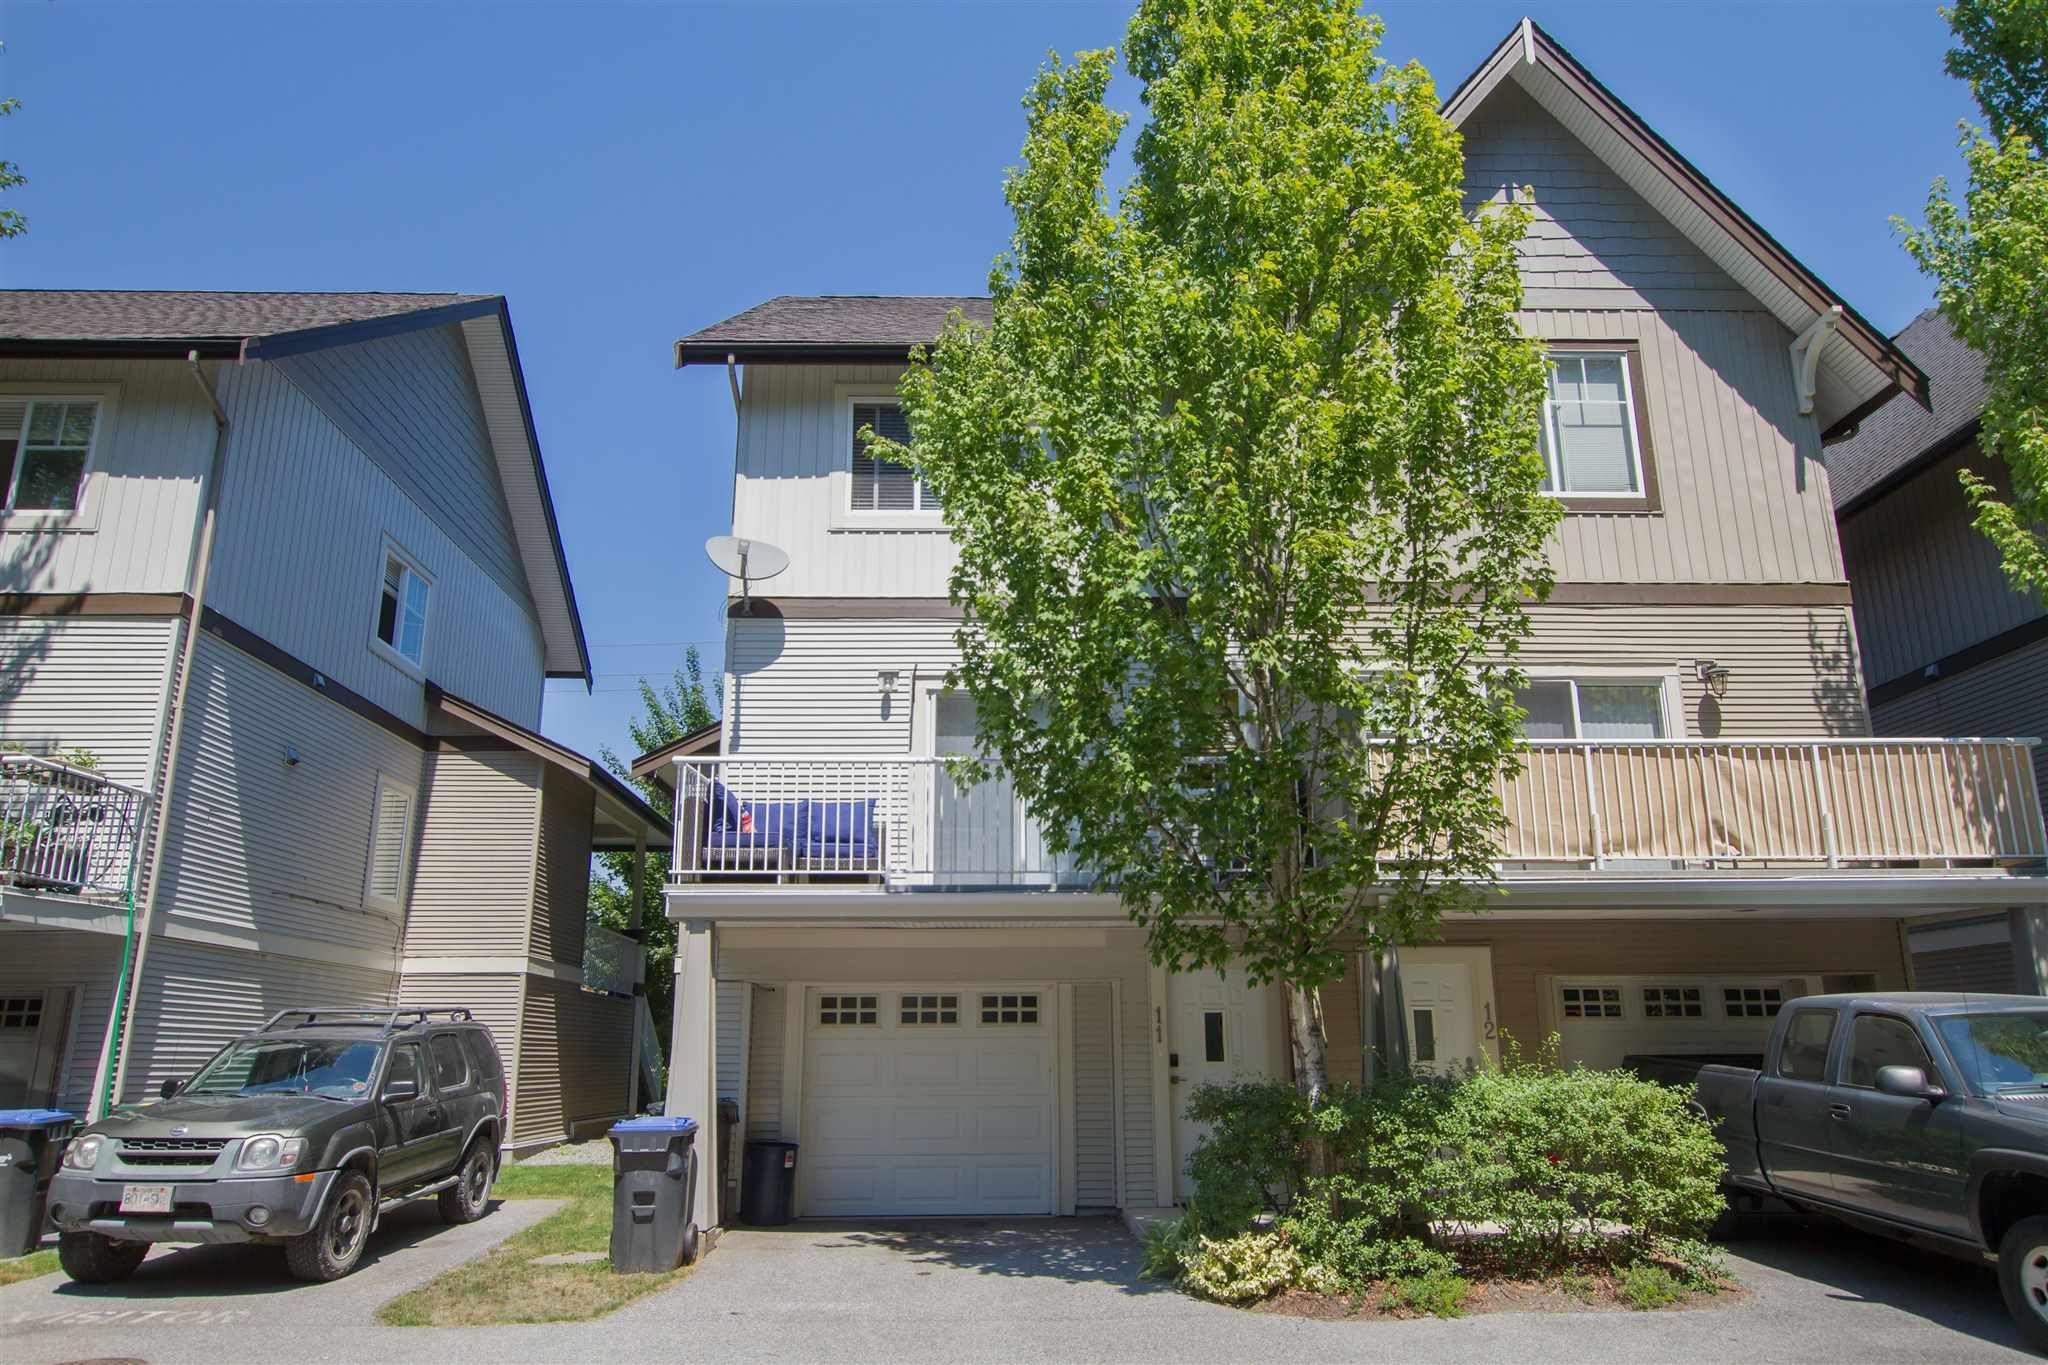 """Photo 2: Photos: 11 1800 MAMQUAM Road in Squamish: Garibaldi Estates Townhouse for sale in """"Virescence"""" : MLS®# R2597844"""